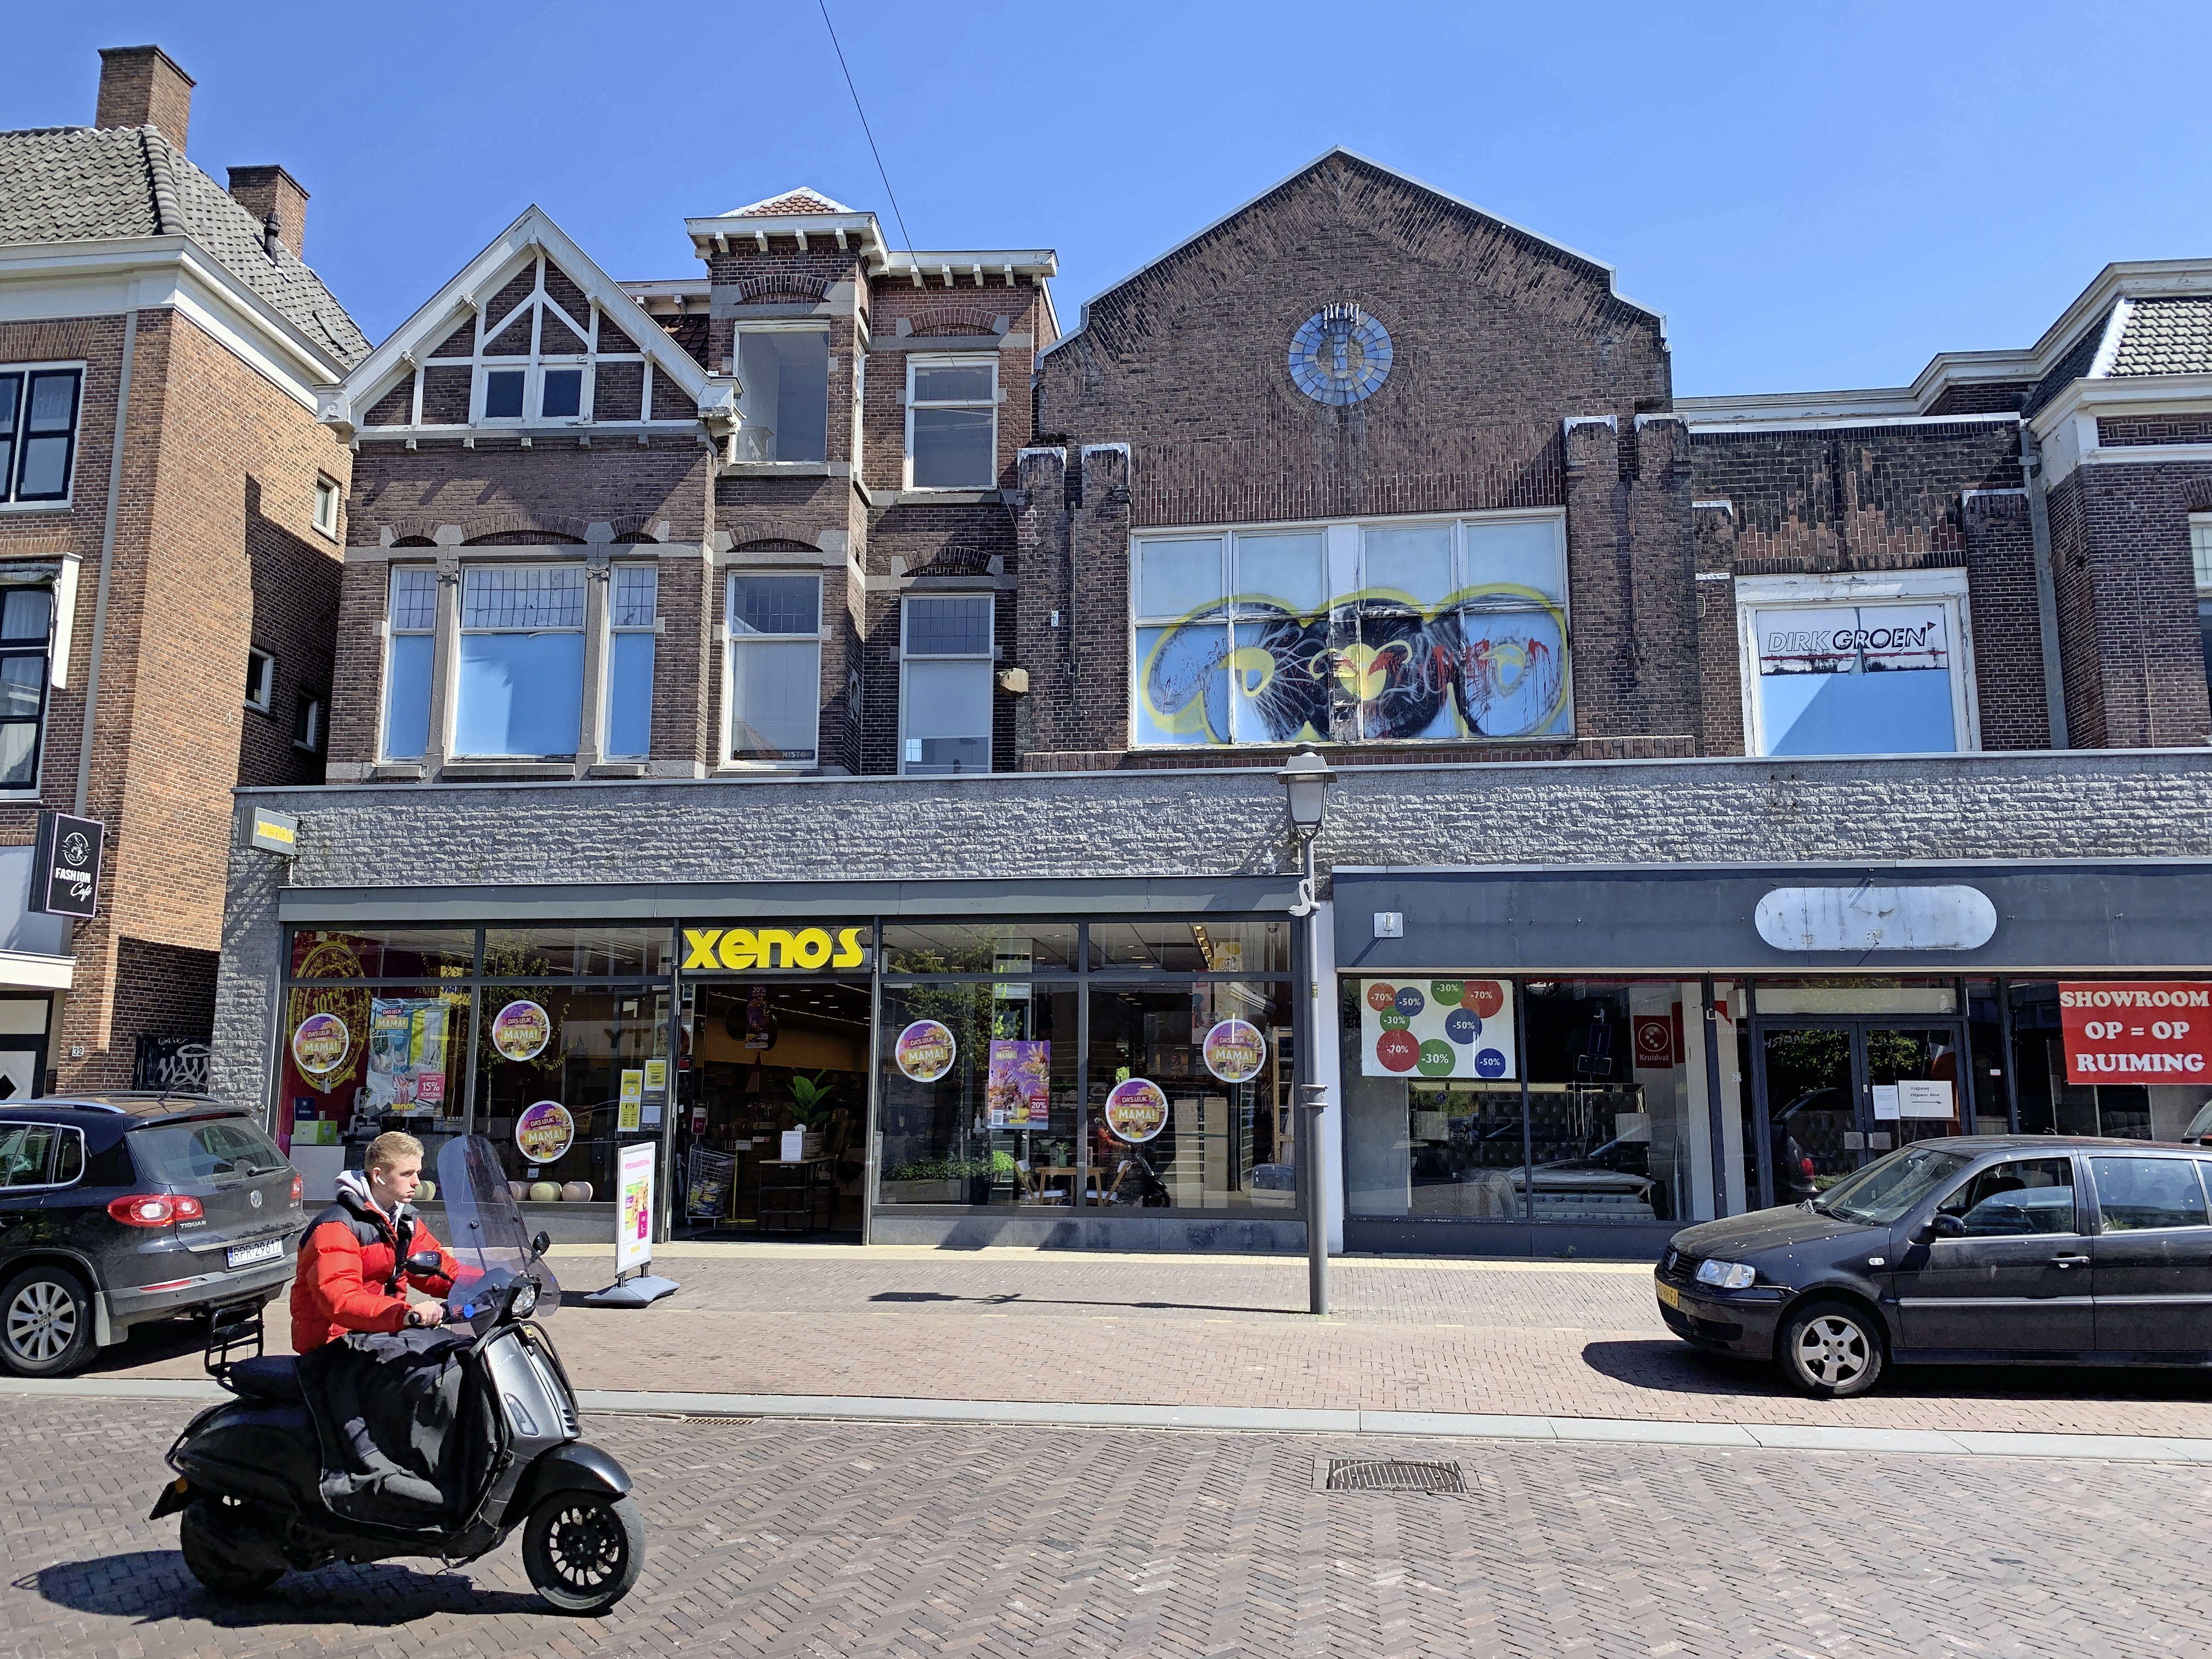 Erfgoedpartijen willen gevels Westzijde redden van de slopershamer: 'De historie van Albert Heijn en aantrekkelijk straatbeeld'